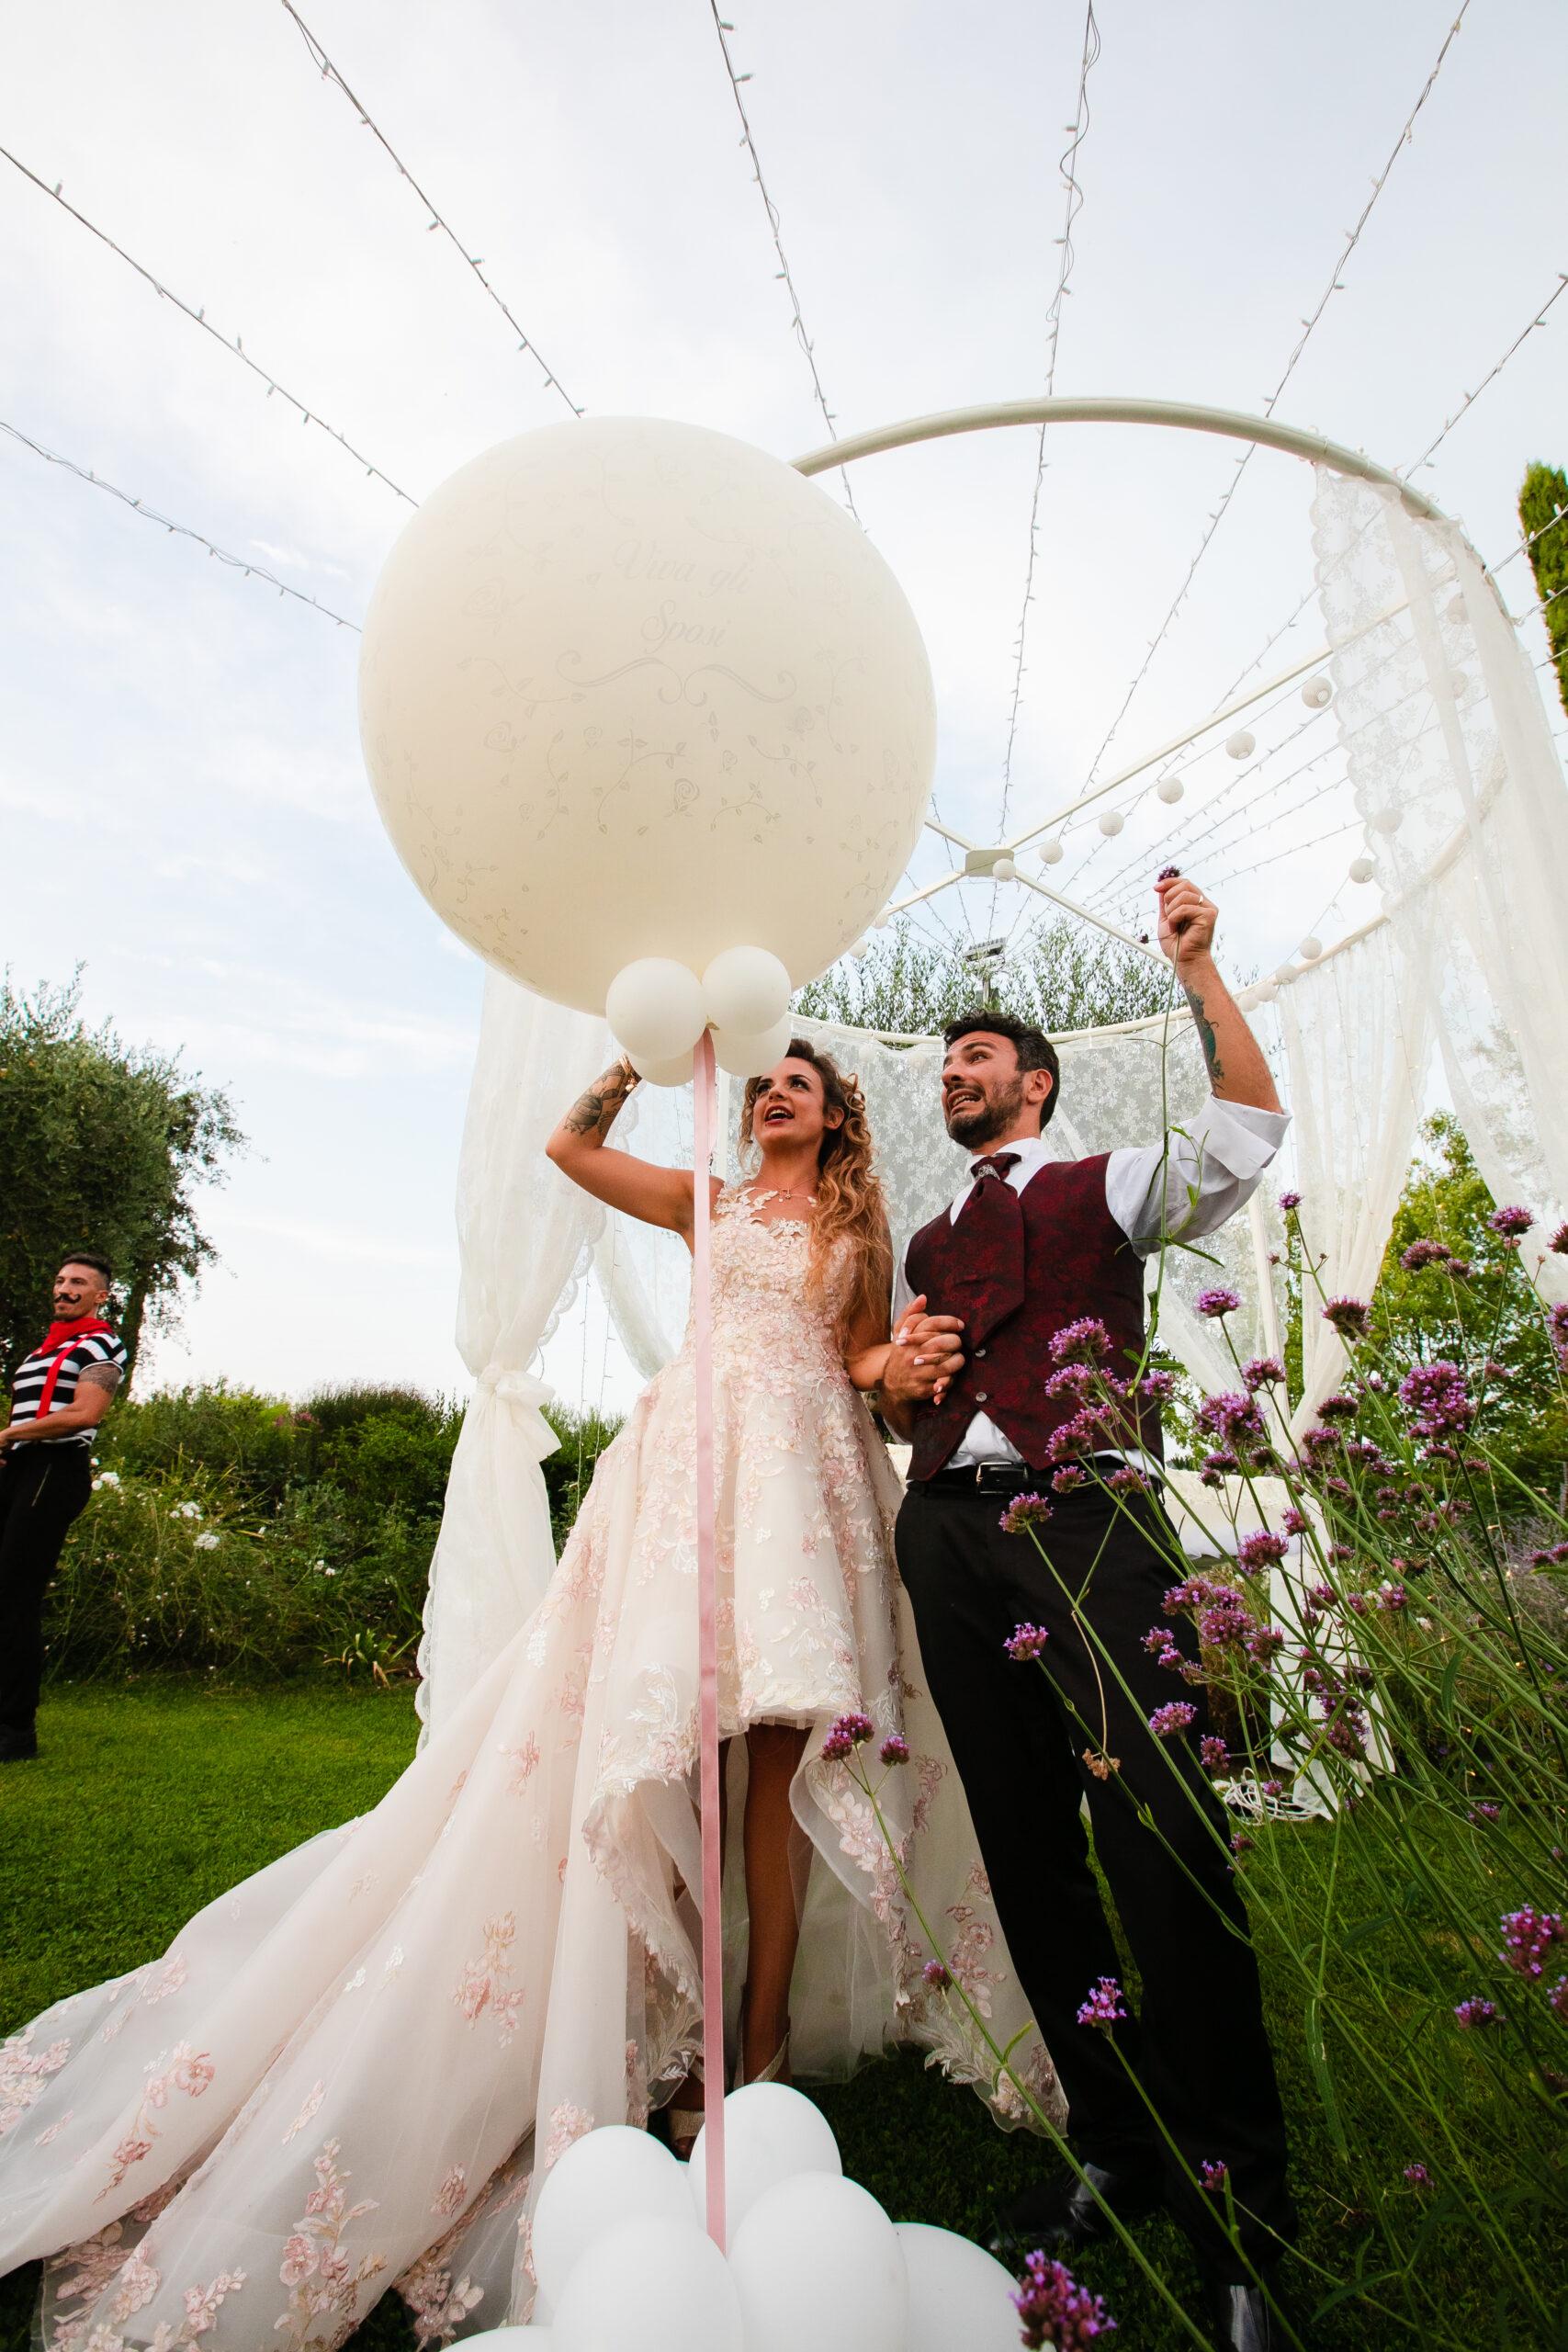 gli sposi che stanno per far scoppiare un palloncino